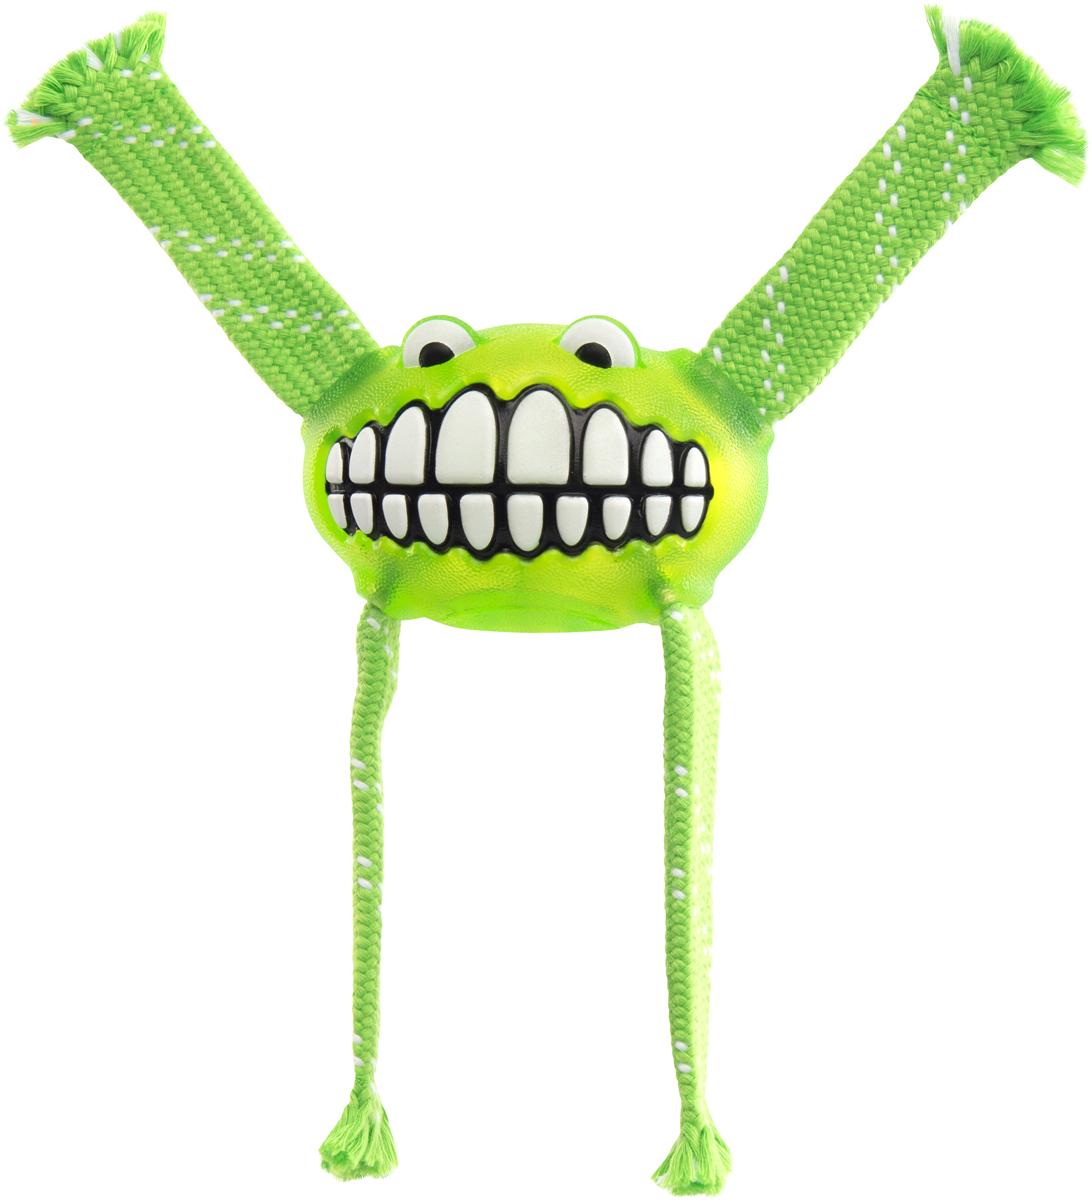 Игрушка для собак Rogz Flossy Grinz. Зубы, цвет: лайм, длина 21 смFGR03LИгрушка для собак Rogz Flossy Grinz. Зубы типа Отними - очень прочная и крепкая.Внутри – пищалка, что поддерживает интерес животного к игре.Уникальная функция игрушки - чистит язык и зубы.